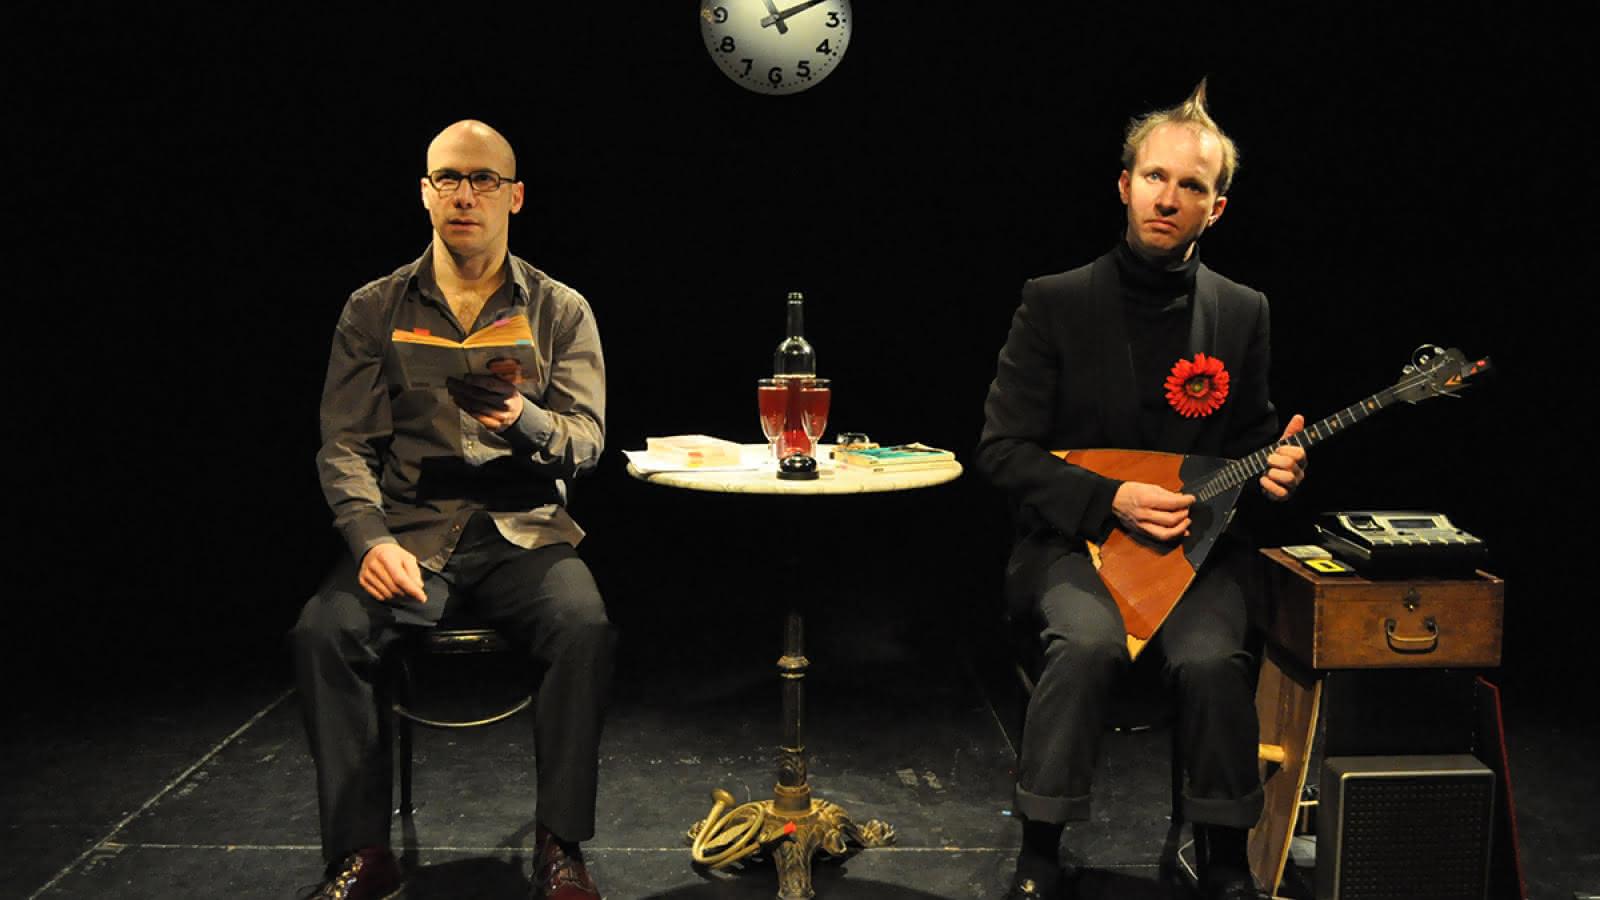 Le 11/11/11 à 11h11 étonnant, non? Cie 11h11 Théâtre